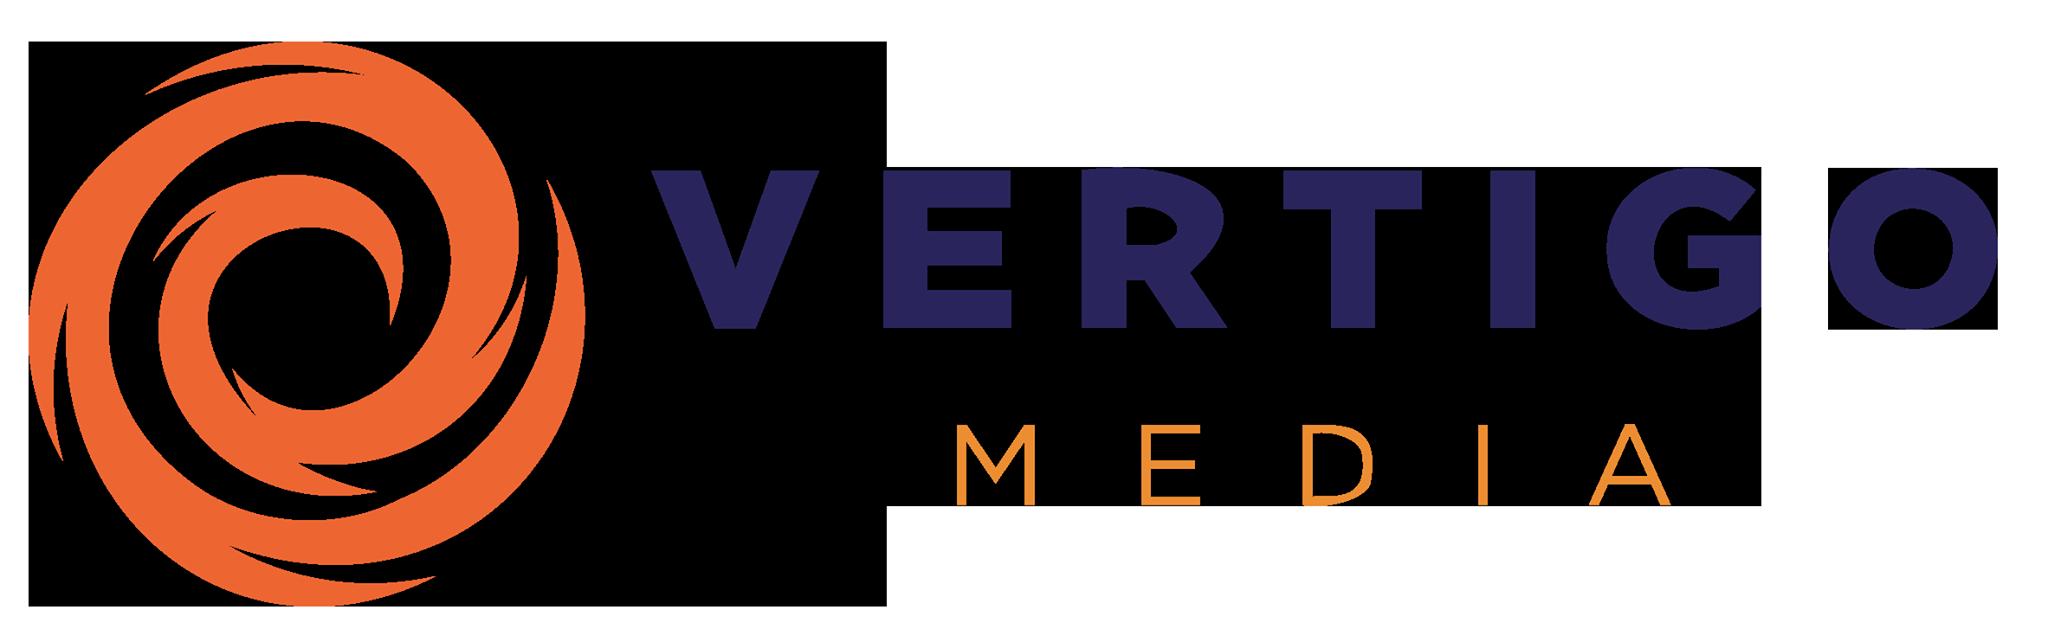 Vertigo Media